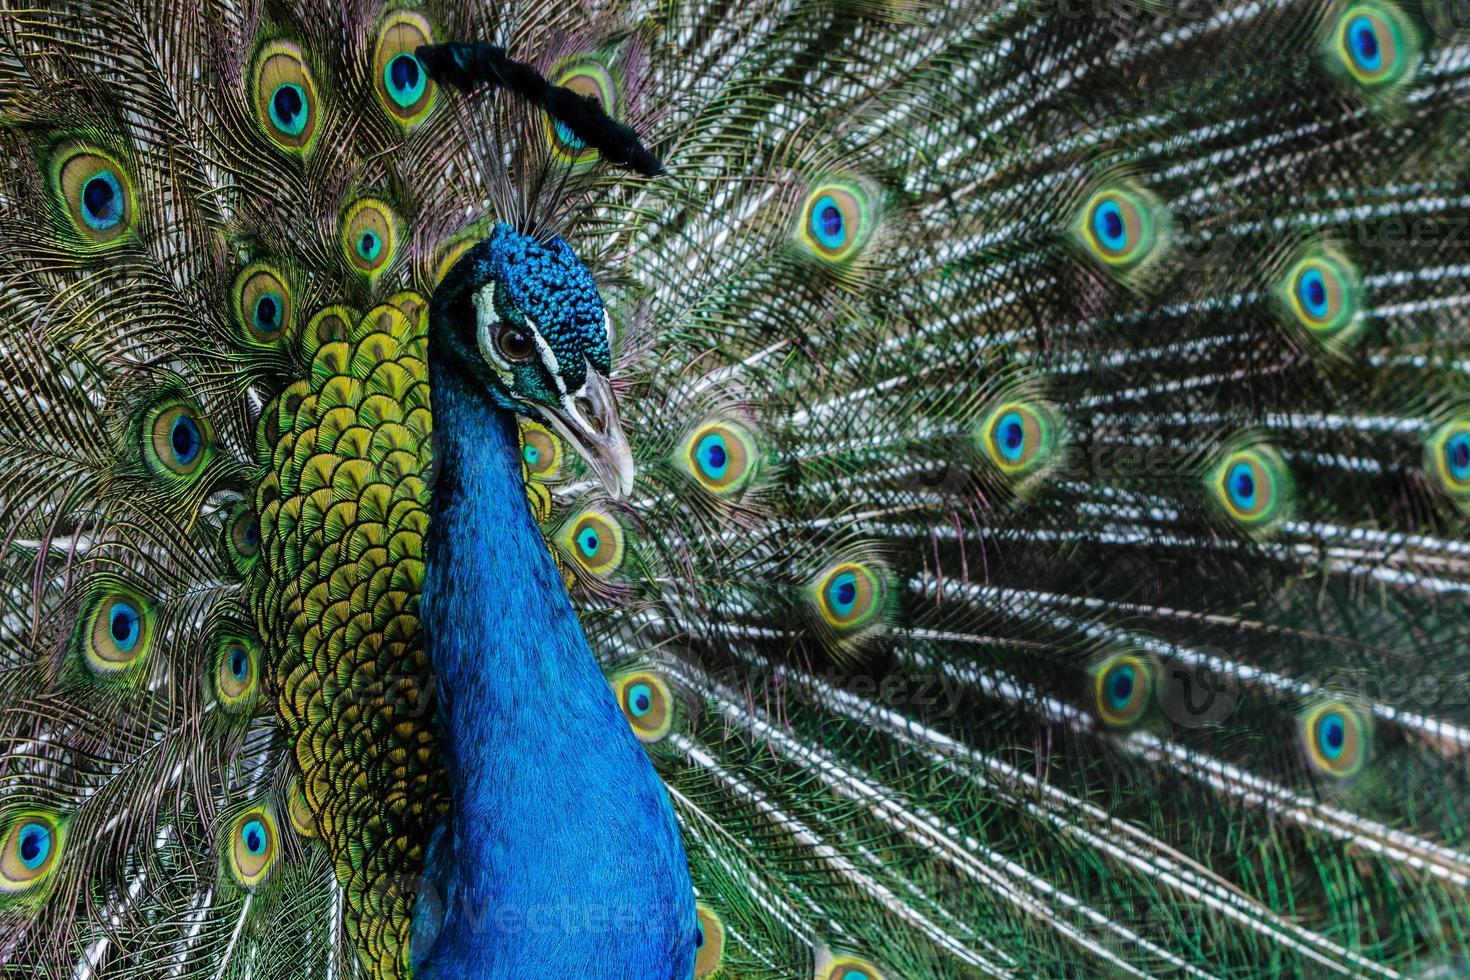 color brillante pavo real. foto